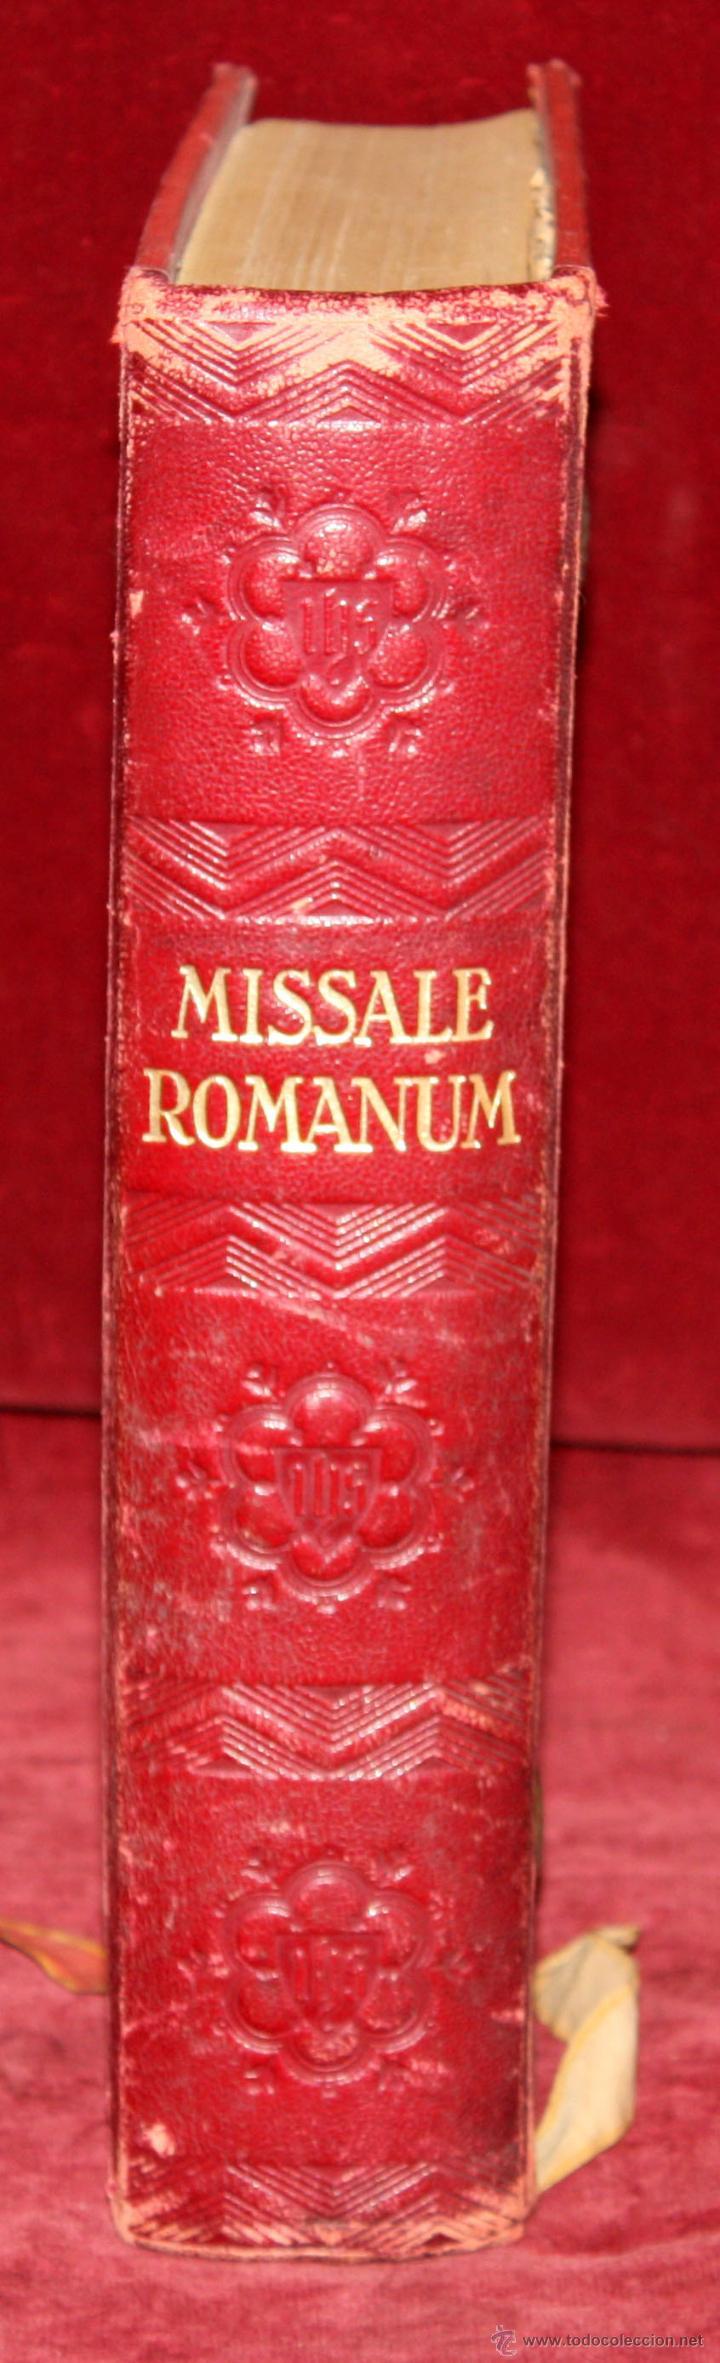 Libros de segunda mano: INTERESANTE MISSALE ROMANUM DEL AÑO 1940. GRAN FORMATO. INTERIOR CON LITOGRAFÍAS... - Foto 2 - 49285154